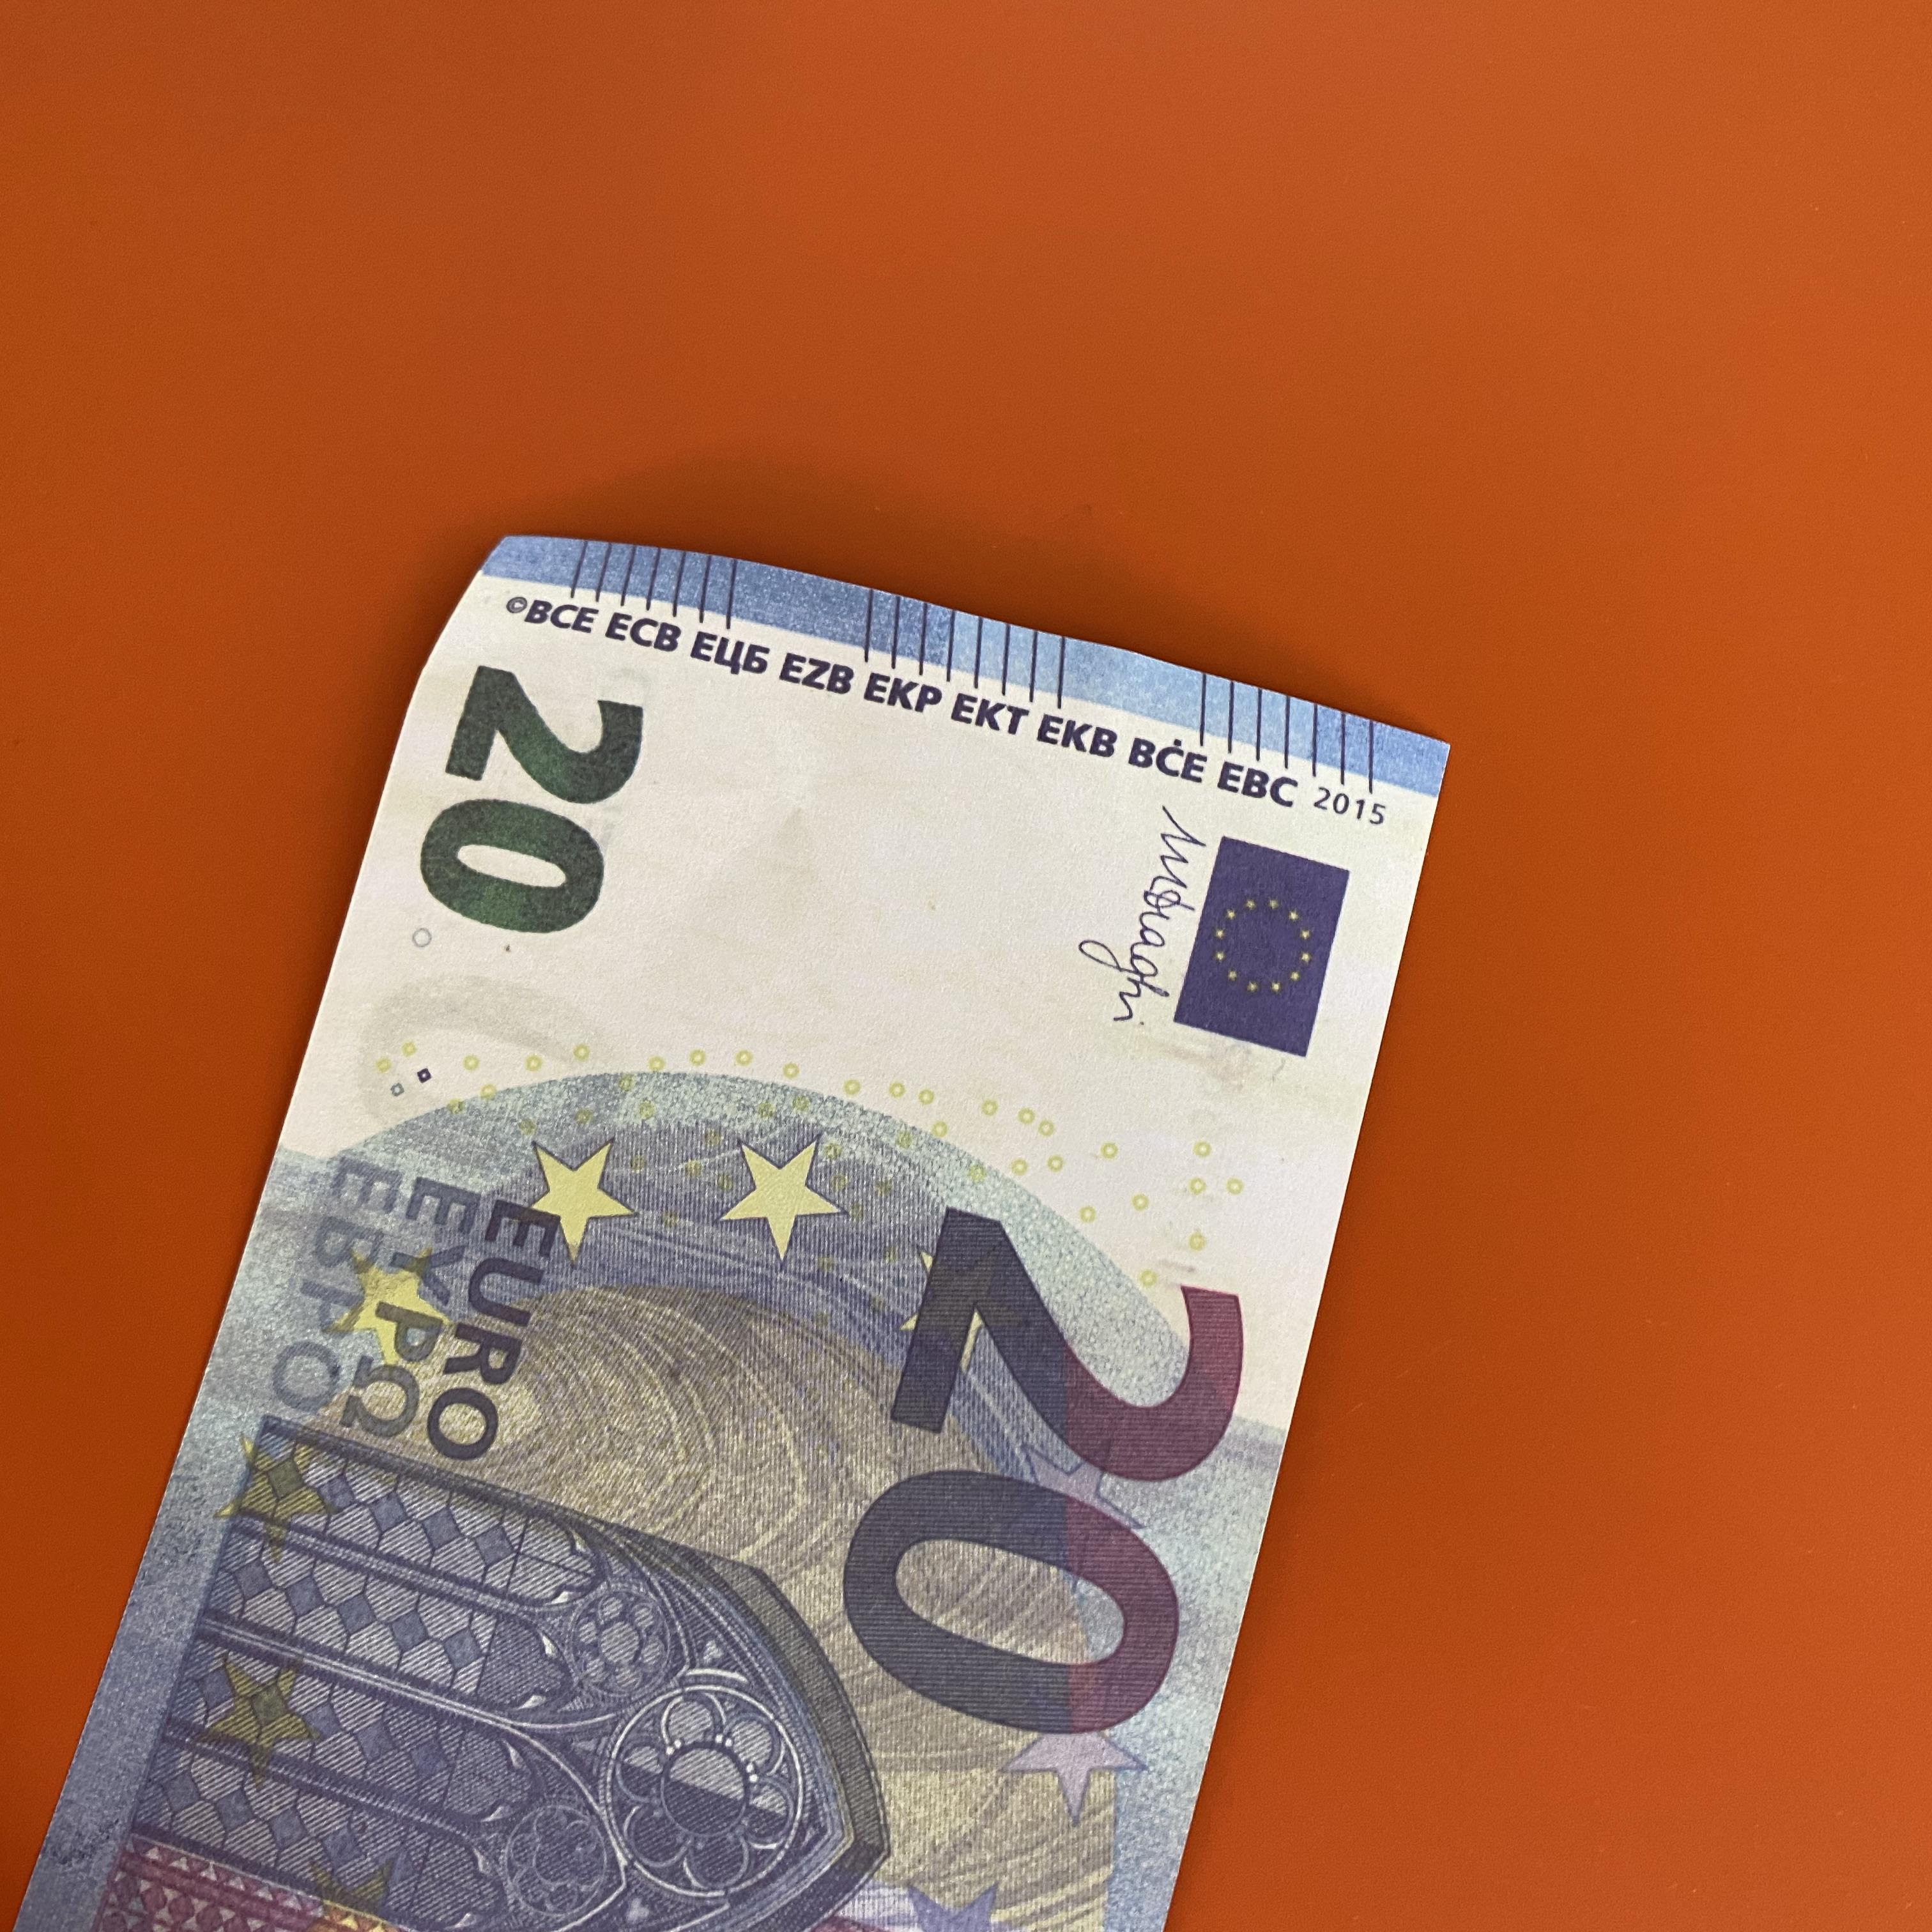 Toy182 Paper Prop Famille de jeu ou enfants US / Euro / Dollar Copie Banque Banknote 100pcs / Pack réaliste la plupart des iaxèmes